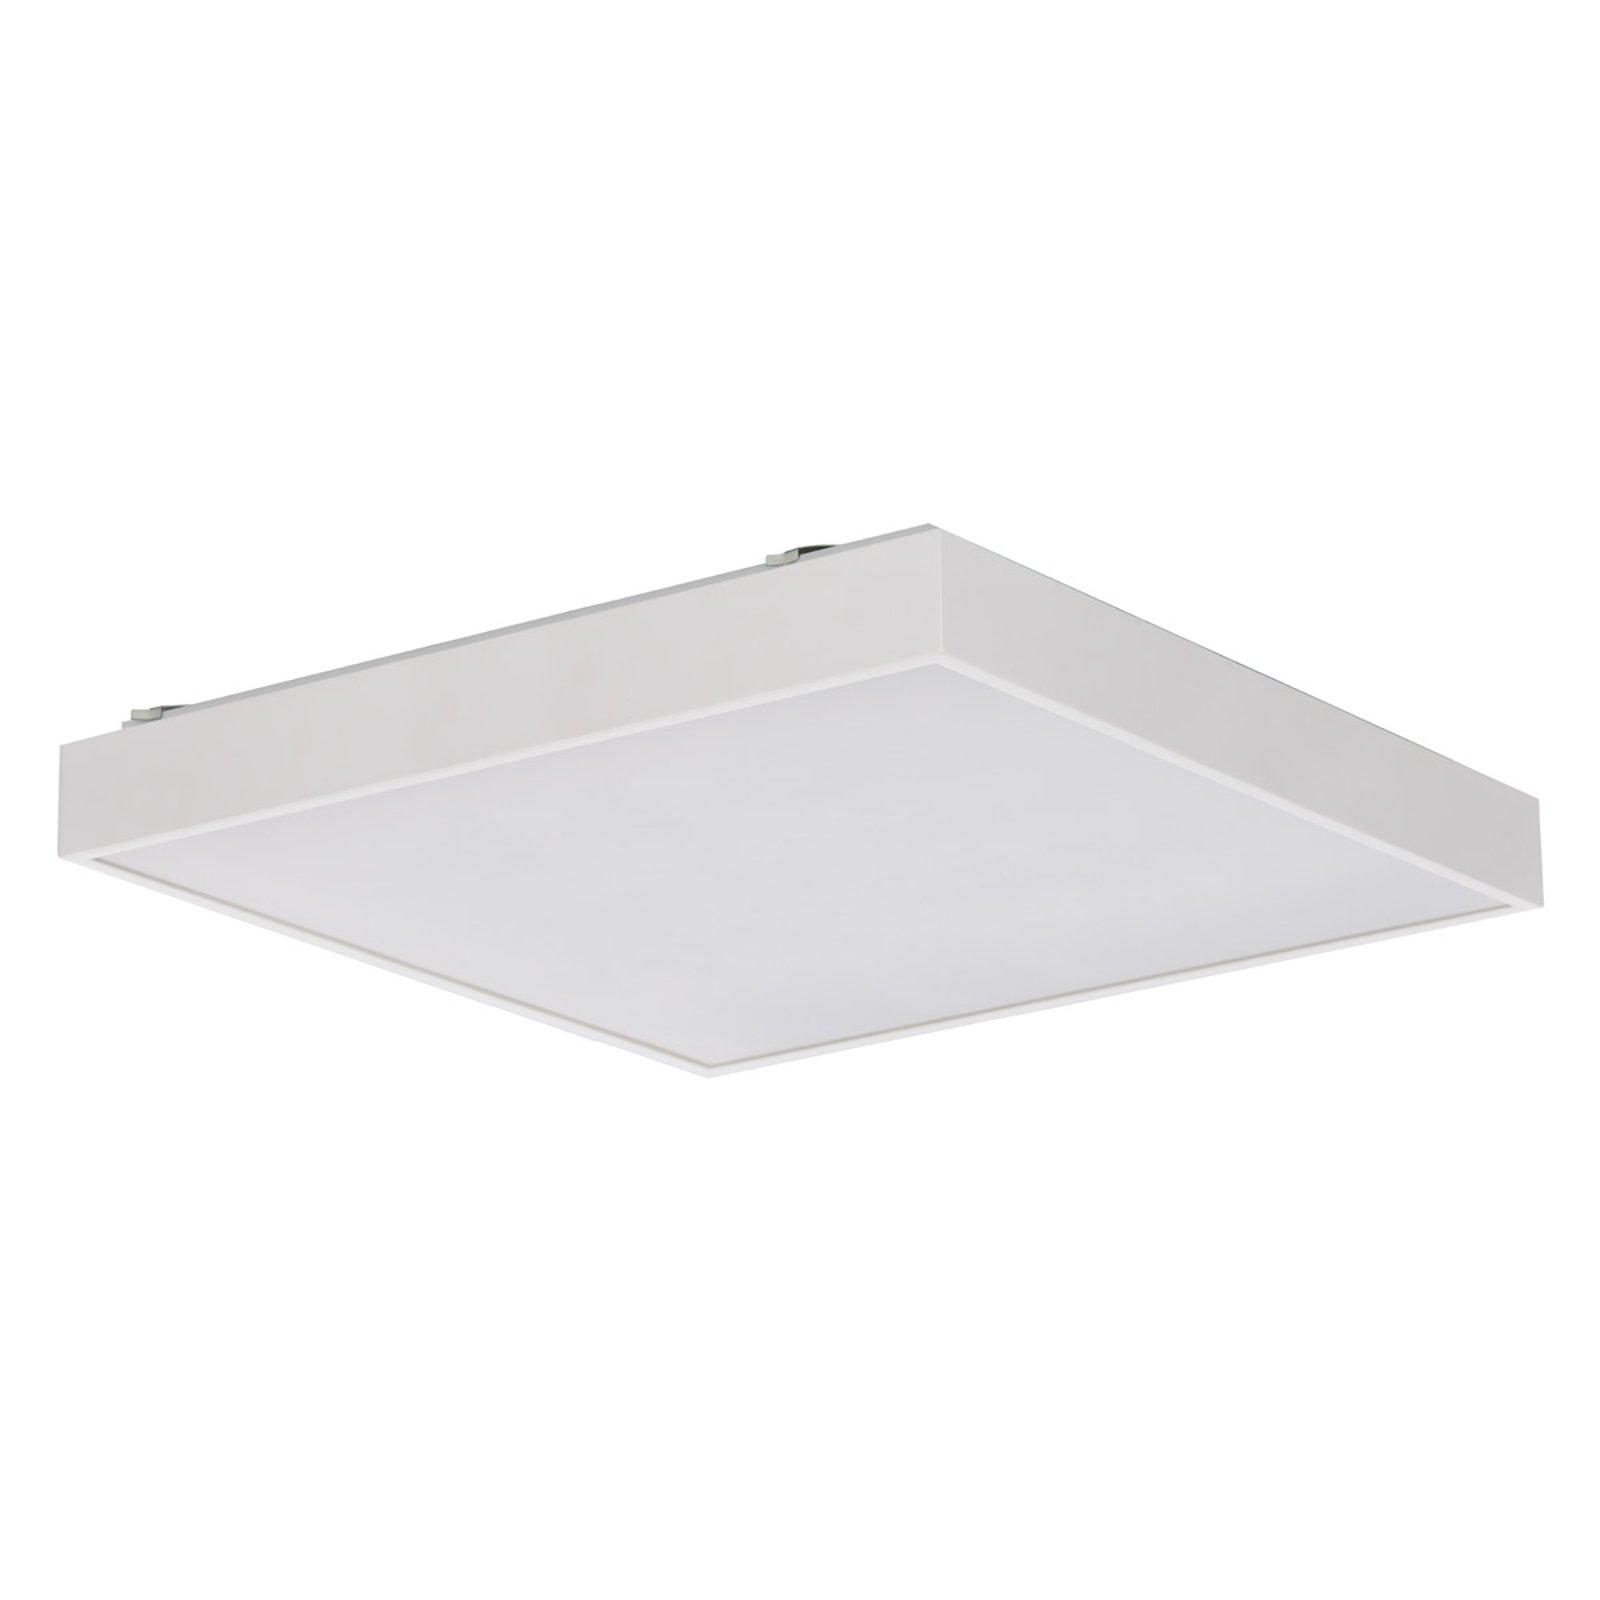 Energieffektiv Q6 LED-taklampe i hvitt DALI